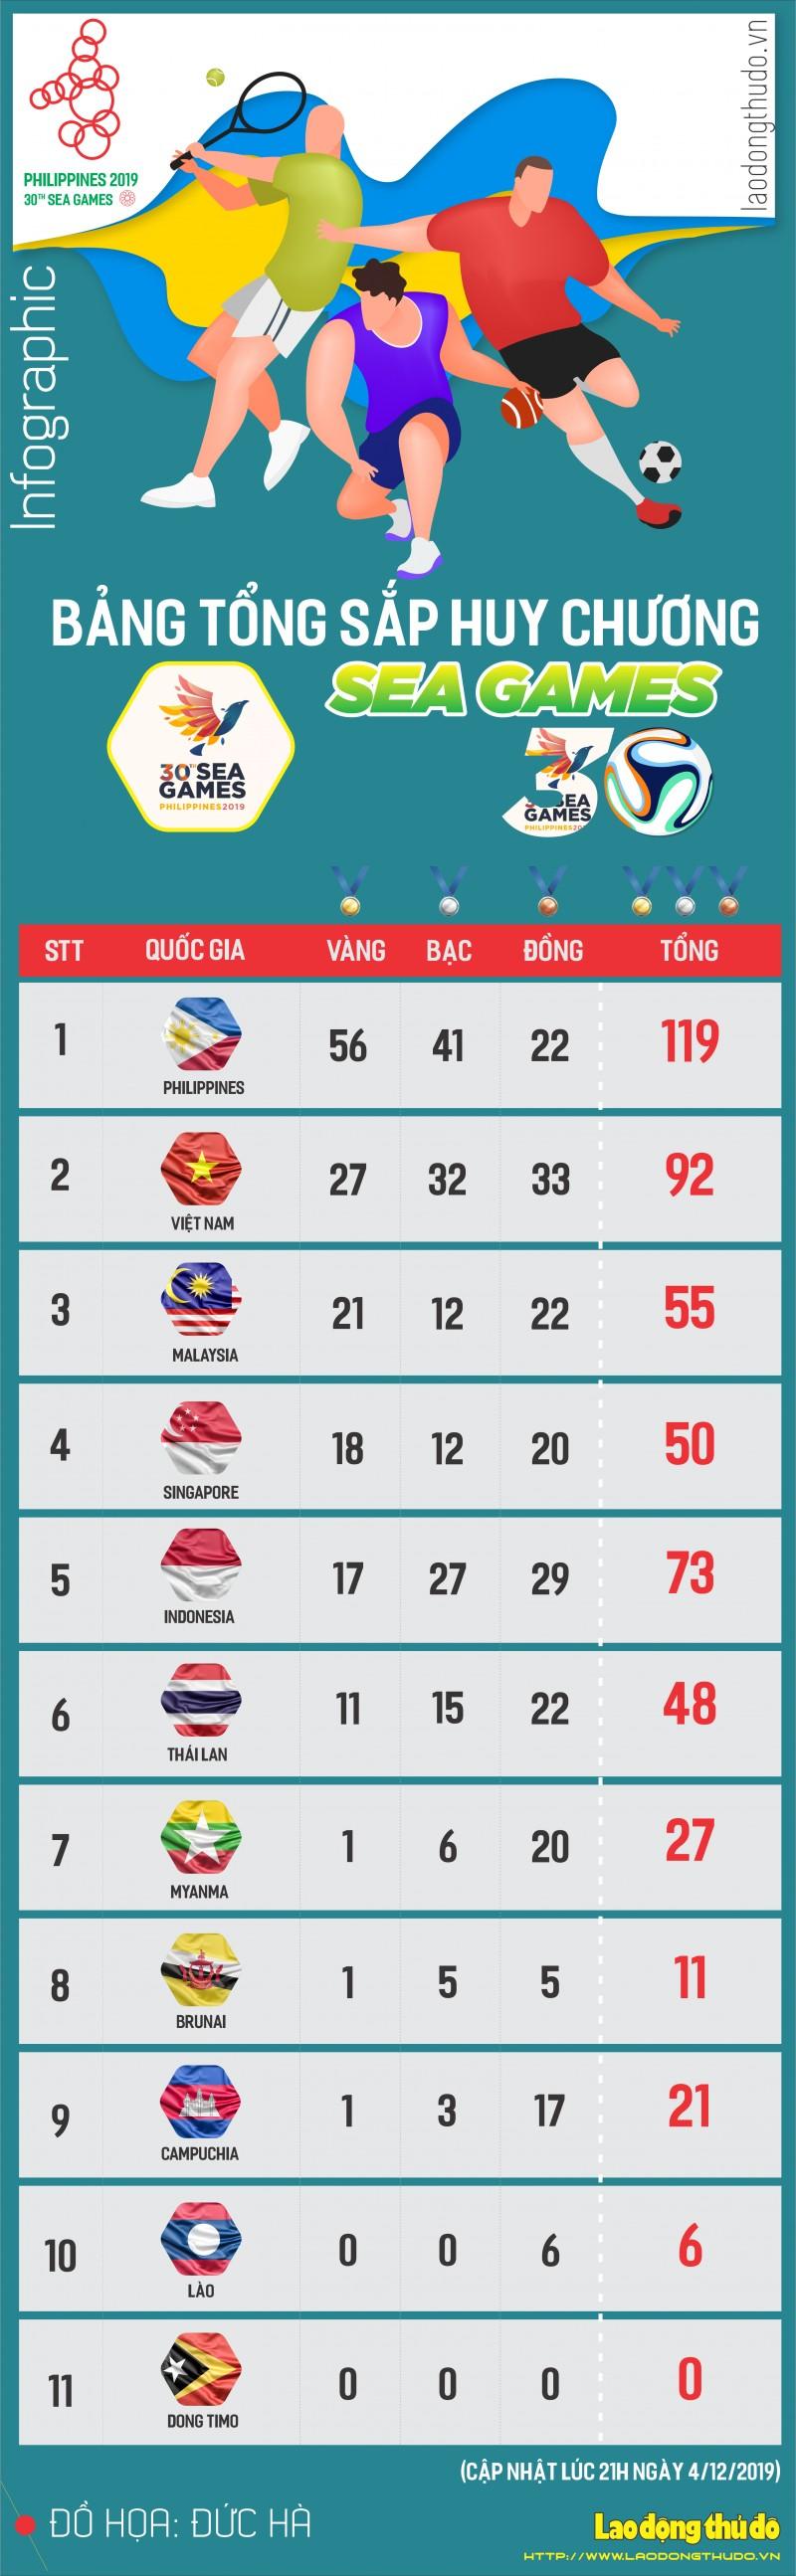 infographic bang xep hang sea games 30 viet nam vuot xa thai lan